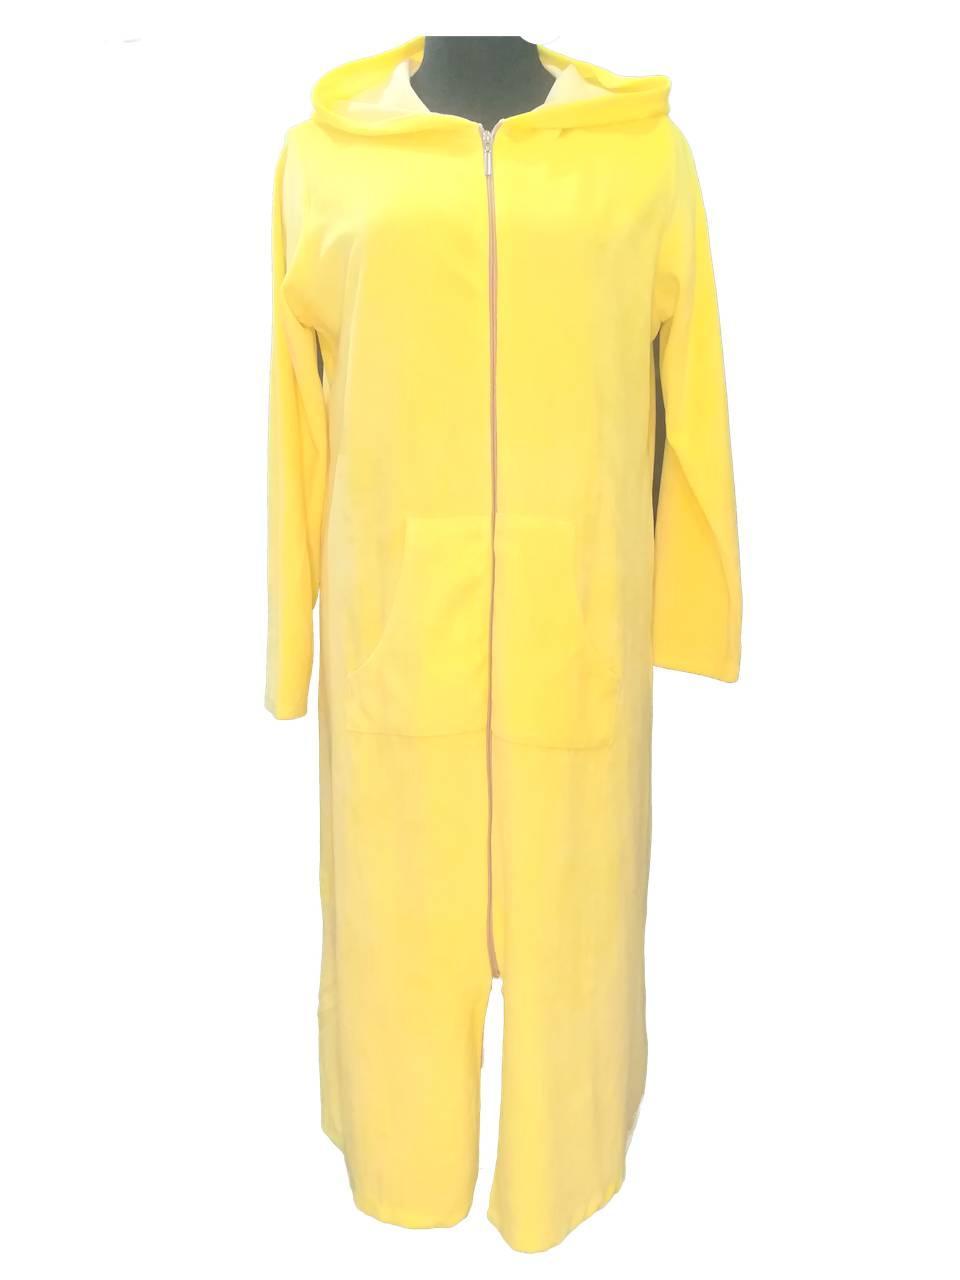 Женский велюровый халат с капюшоном на молнии, длинный, хлопок, Турция, желтый